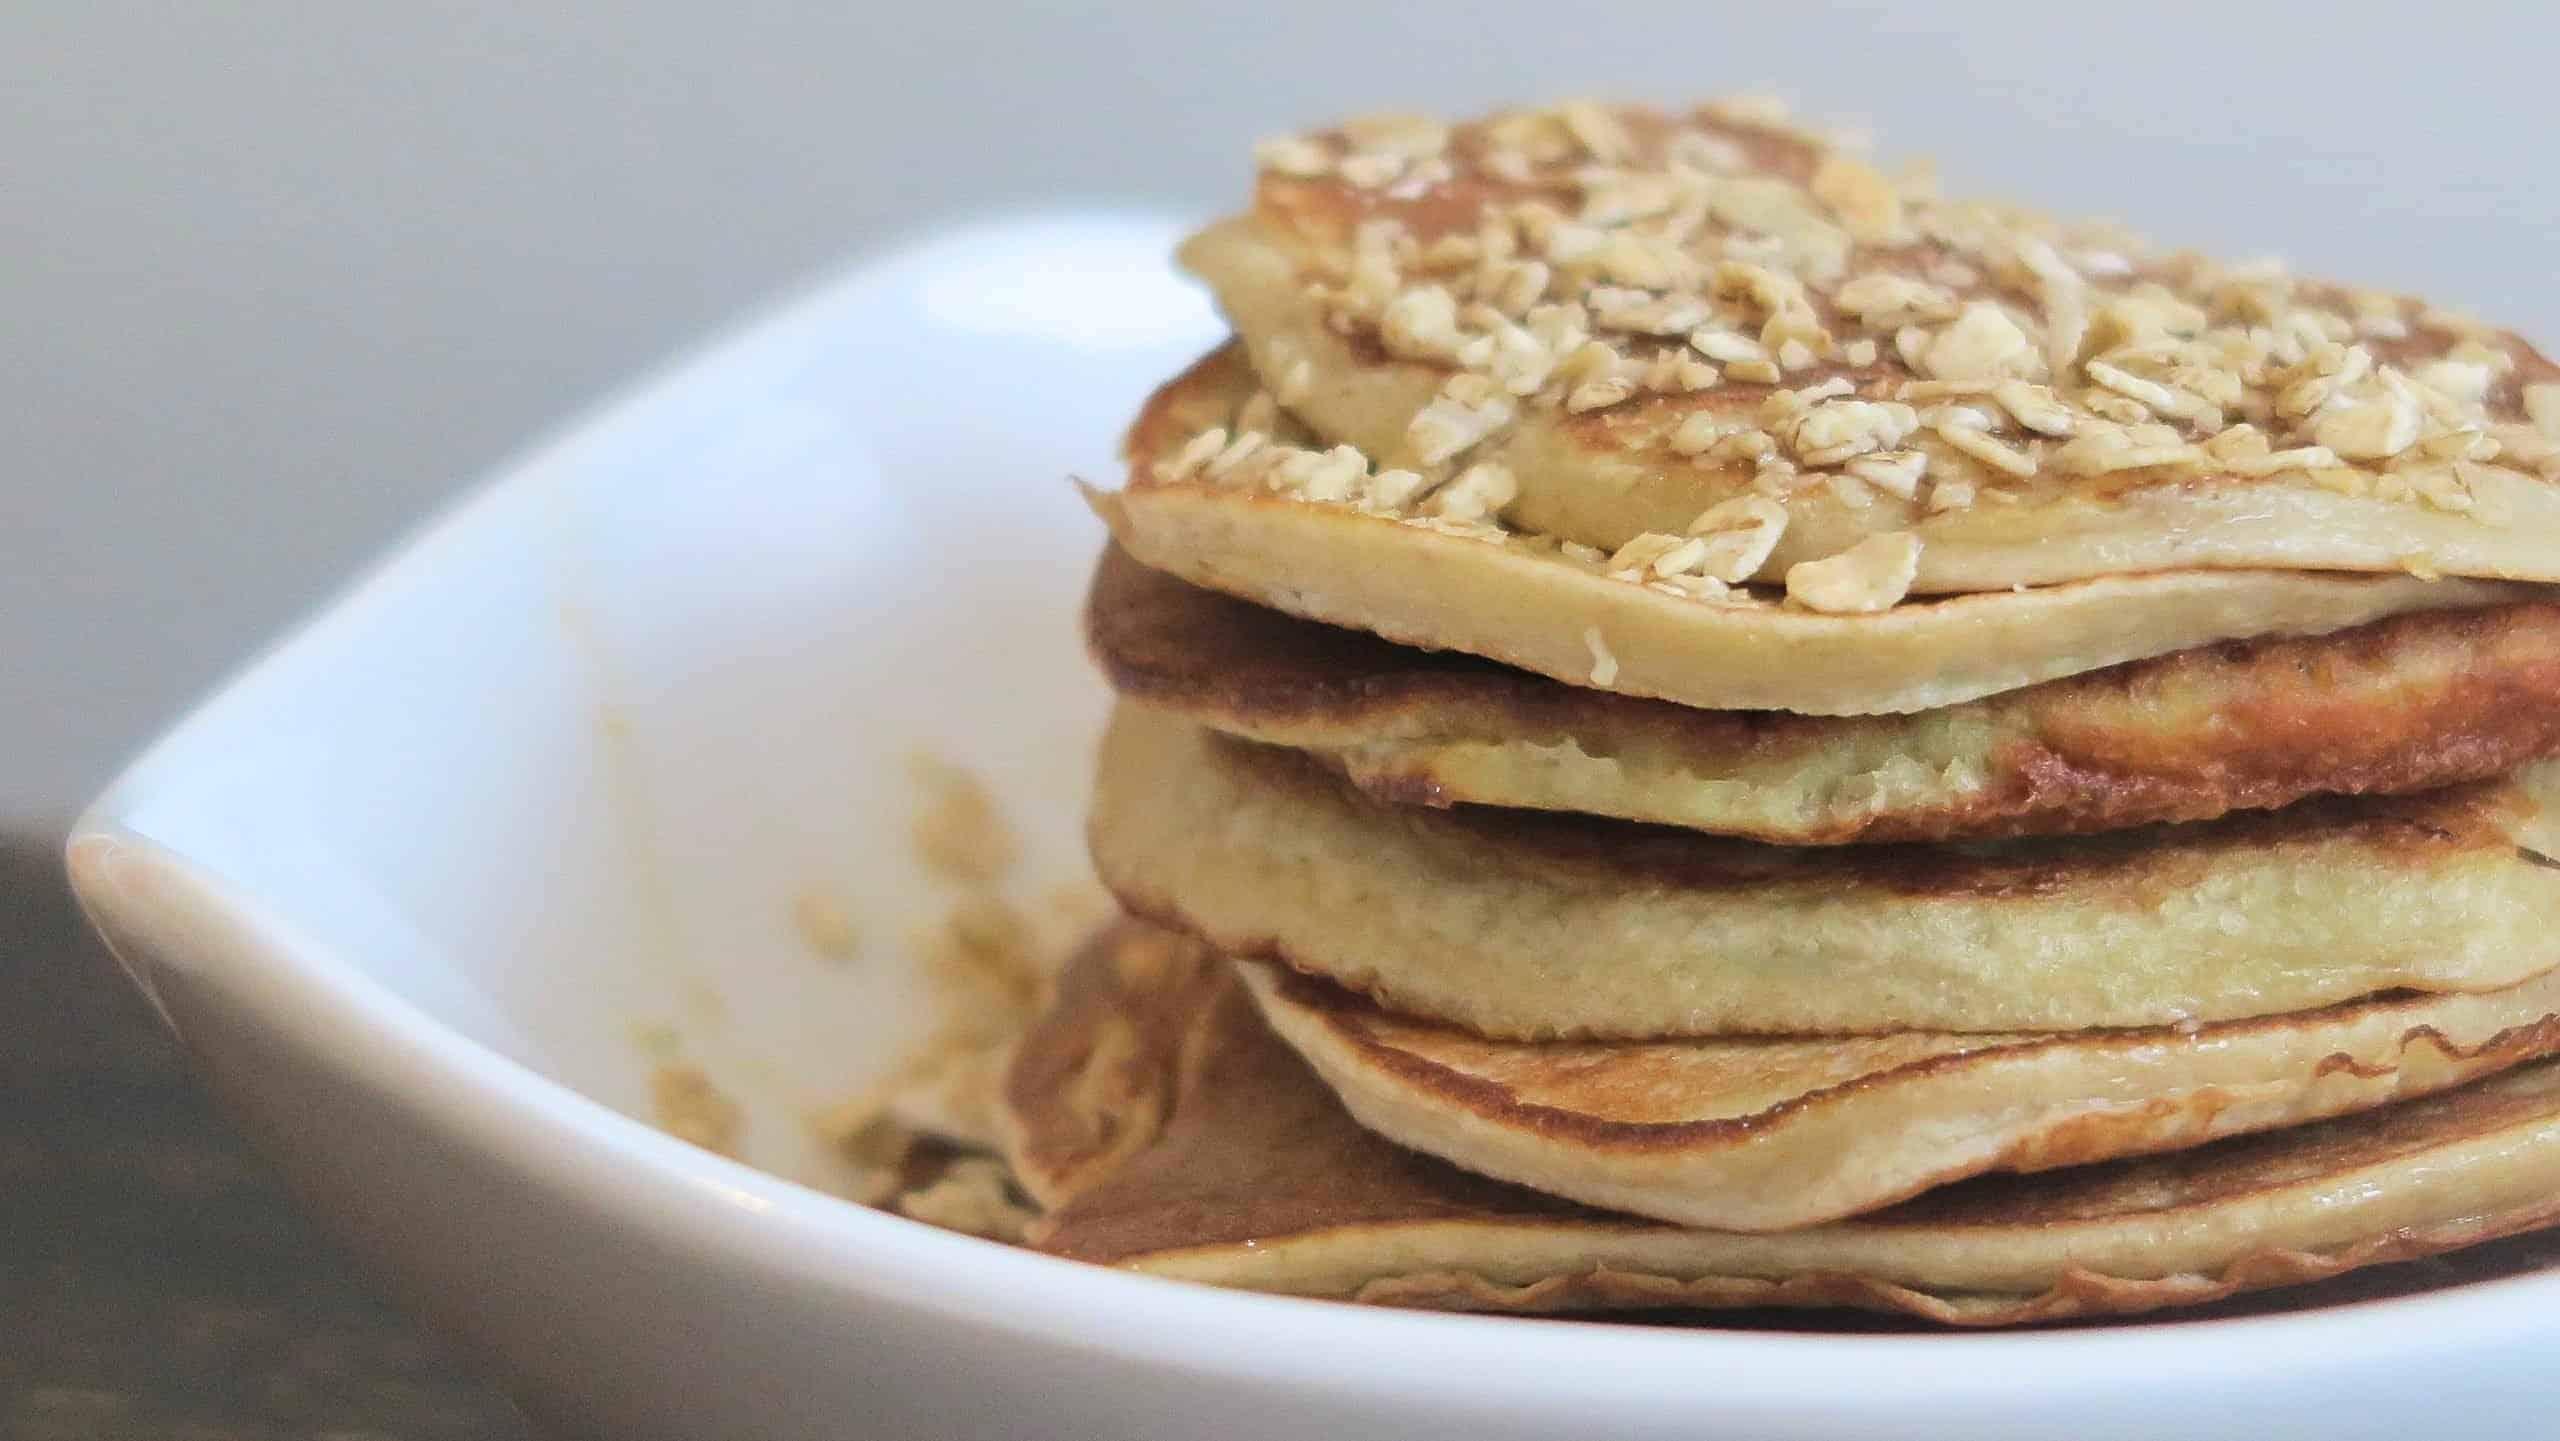 nutribrex five ways gluten free breakfasts 62_FINAL